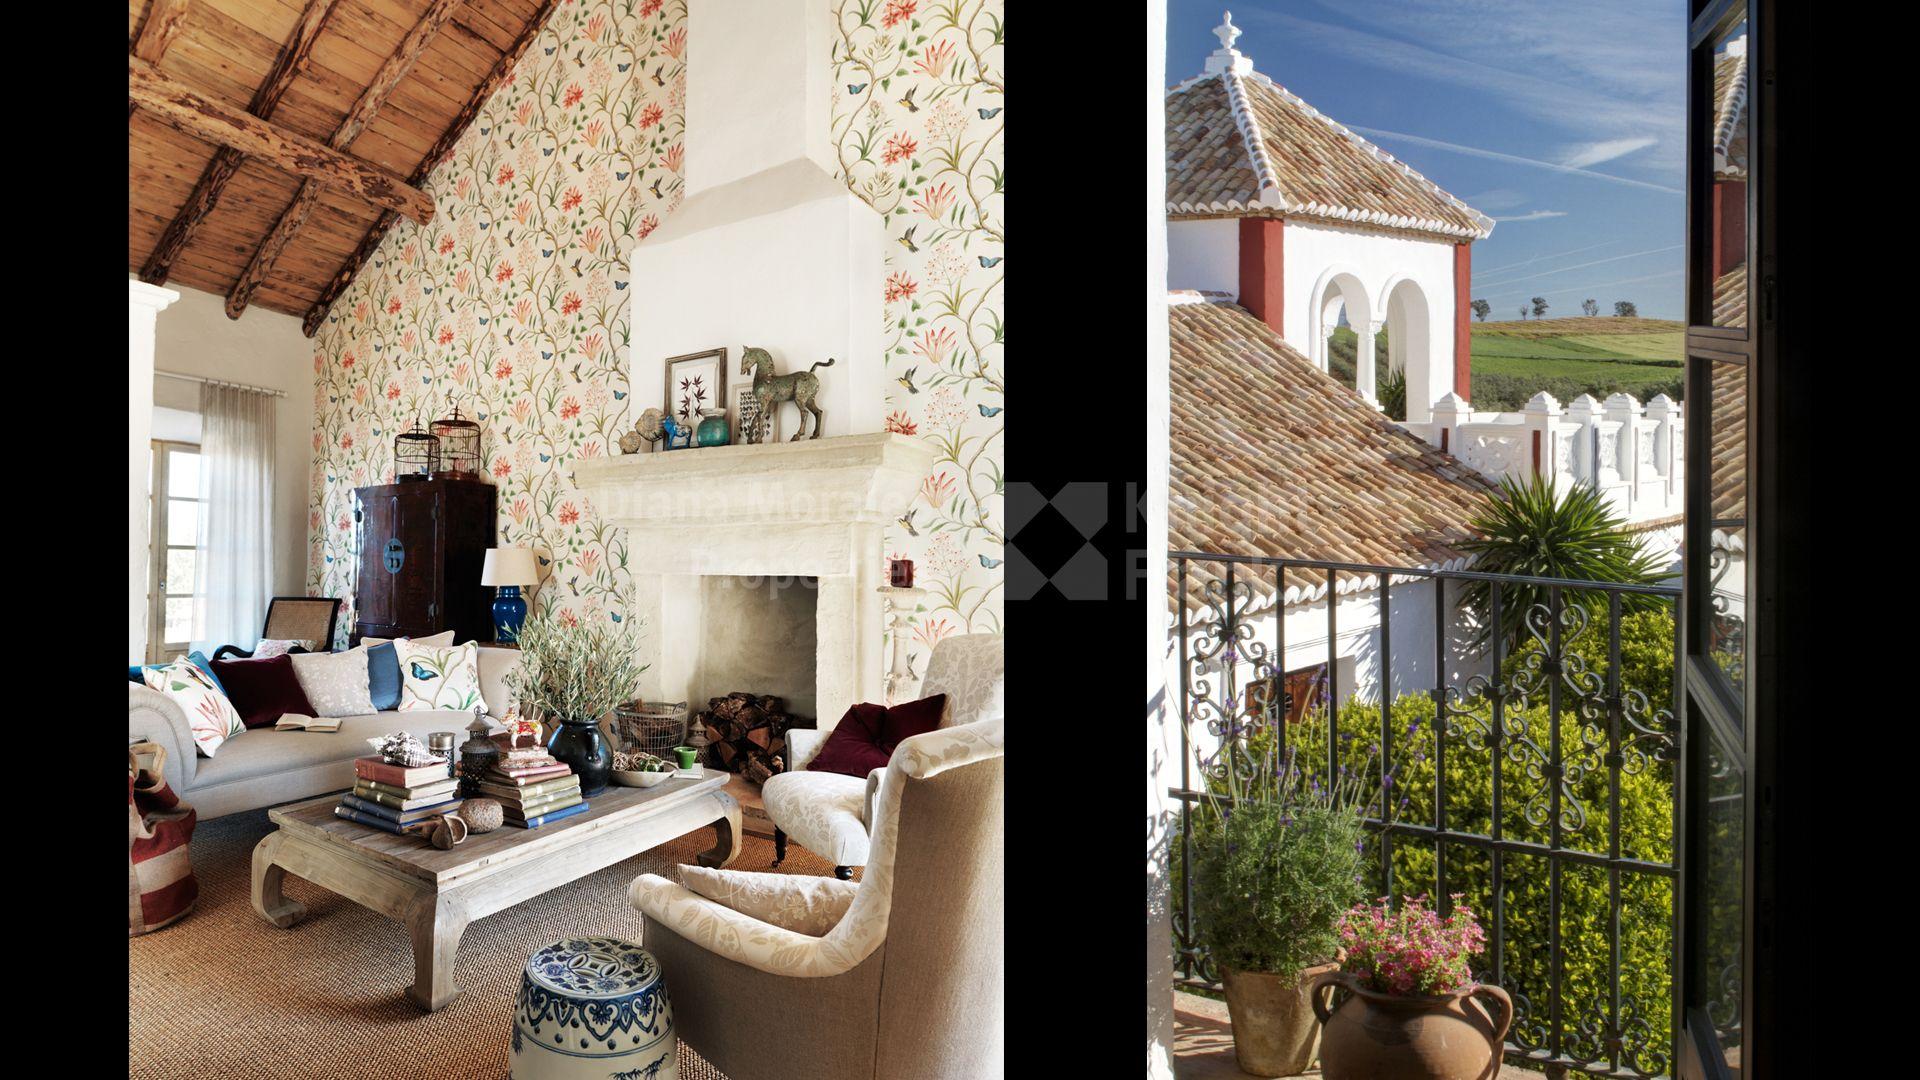 Hacienda en venta en sevilla centro for Oficinas de hacienda en sevilla